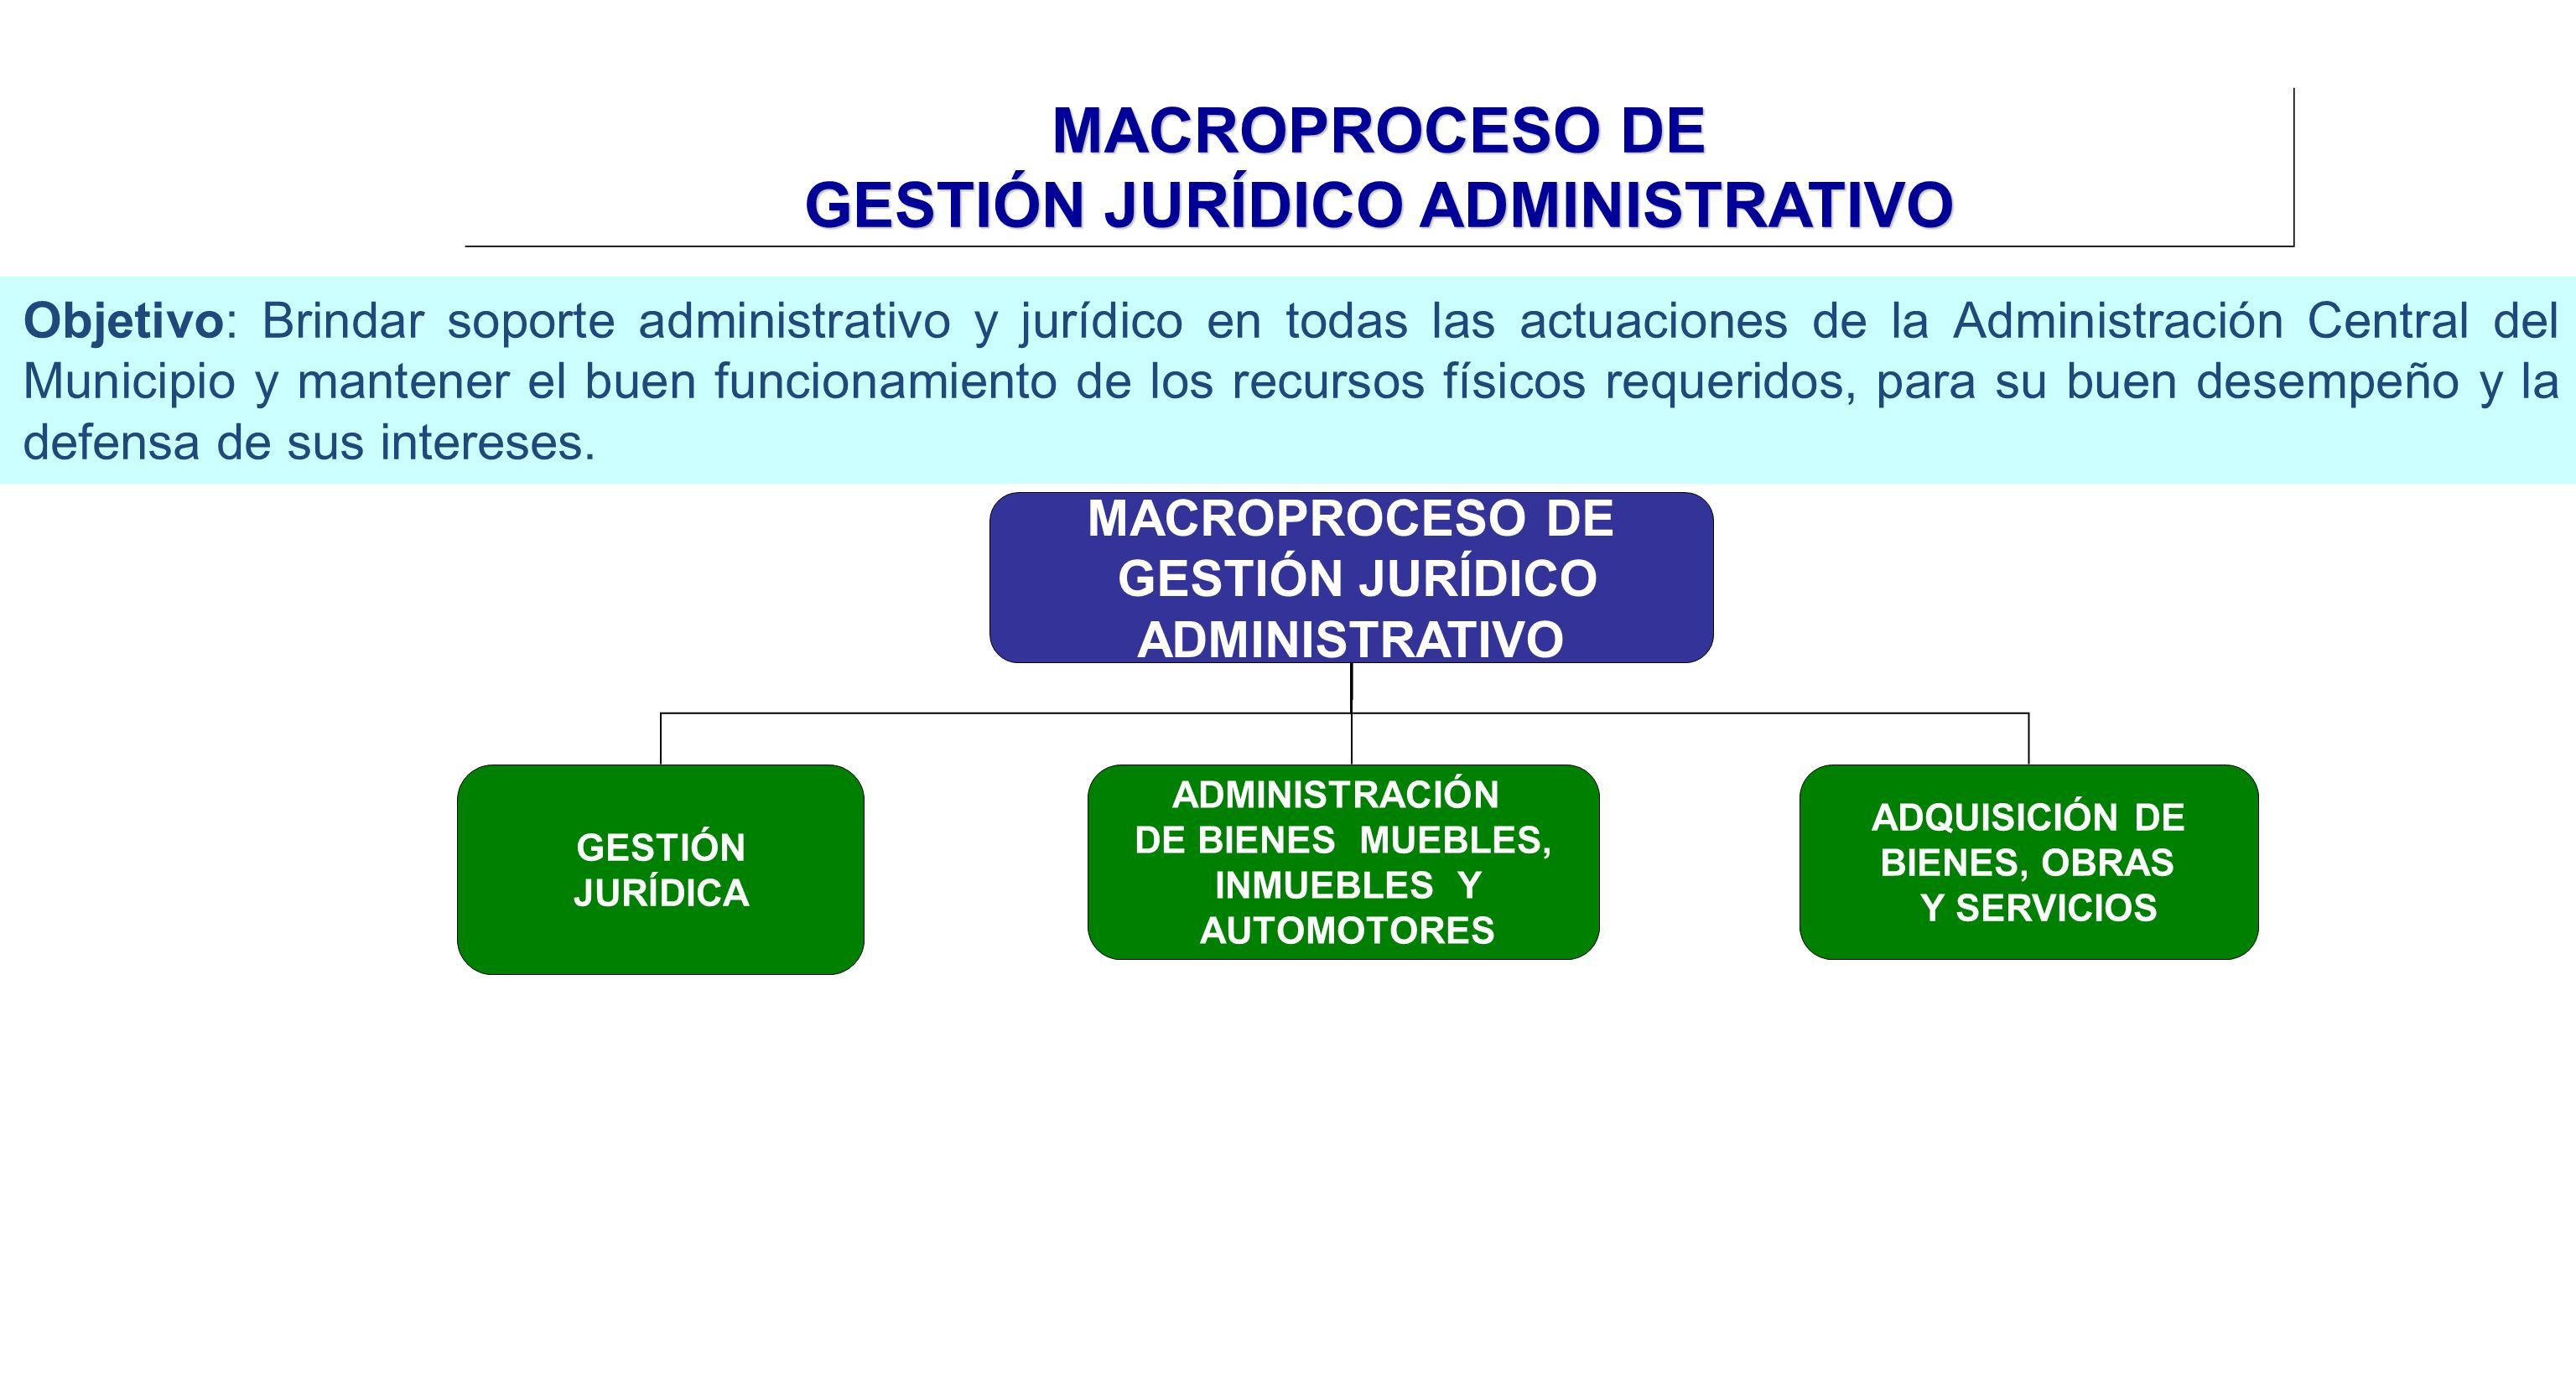 MACROPROCESO DE GESTIÓN JURÍDICO ADMINISTRATIVO GESTIÓN JURÍDICA ADQUISICIÓN DE BIENES, OBRAS Y SERVICIOS ADMINISTRACIÓN DE BIENES MUEBLES, INMUEBLES